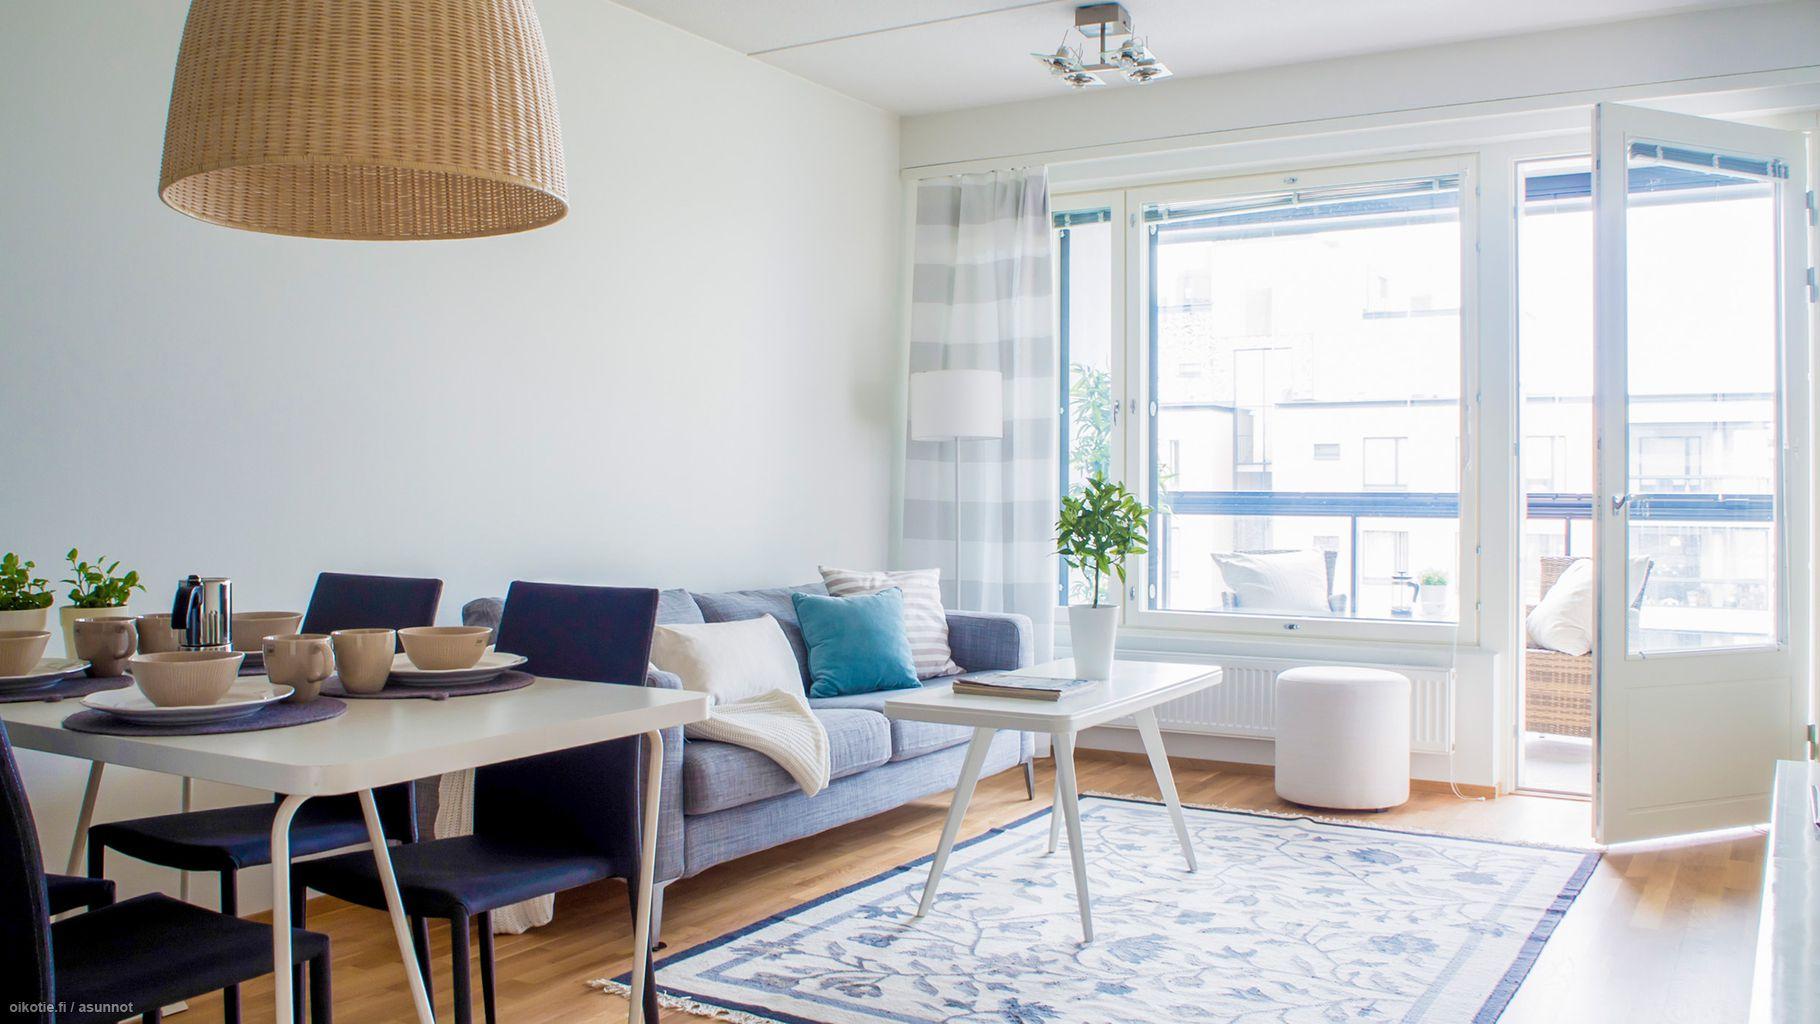 80 m² Ulappakatu 1 D 133, 02320 Espoo Kerrostalo 3h myynnissä - Oikotie 8399985